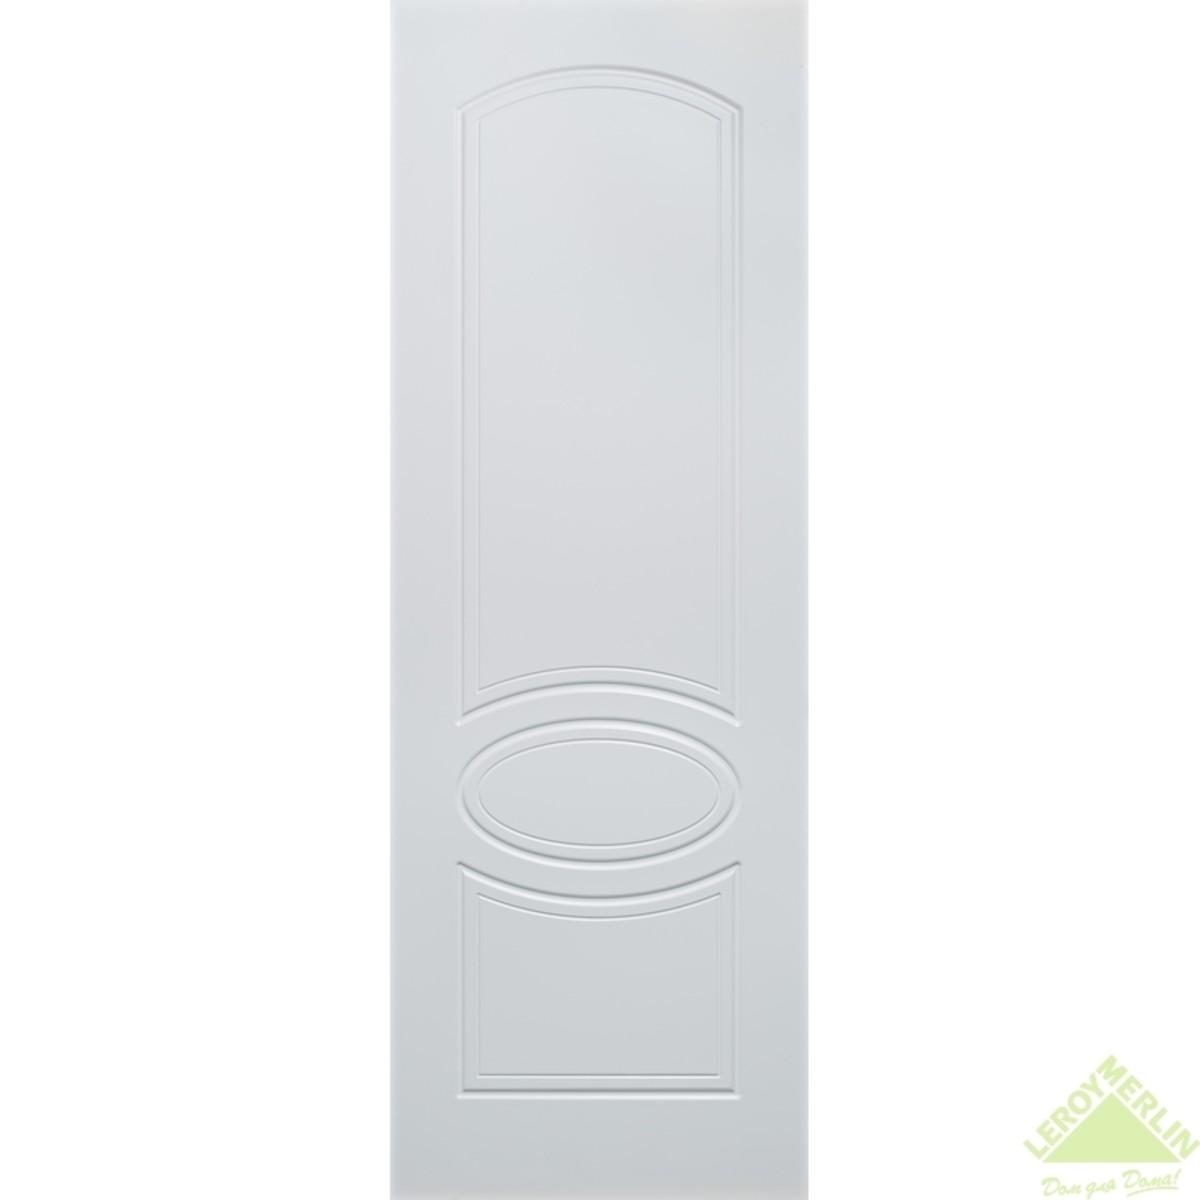 Полотно дверное глухое Аккорд 900x2000 мм эмаль белая